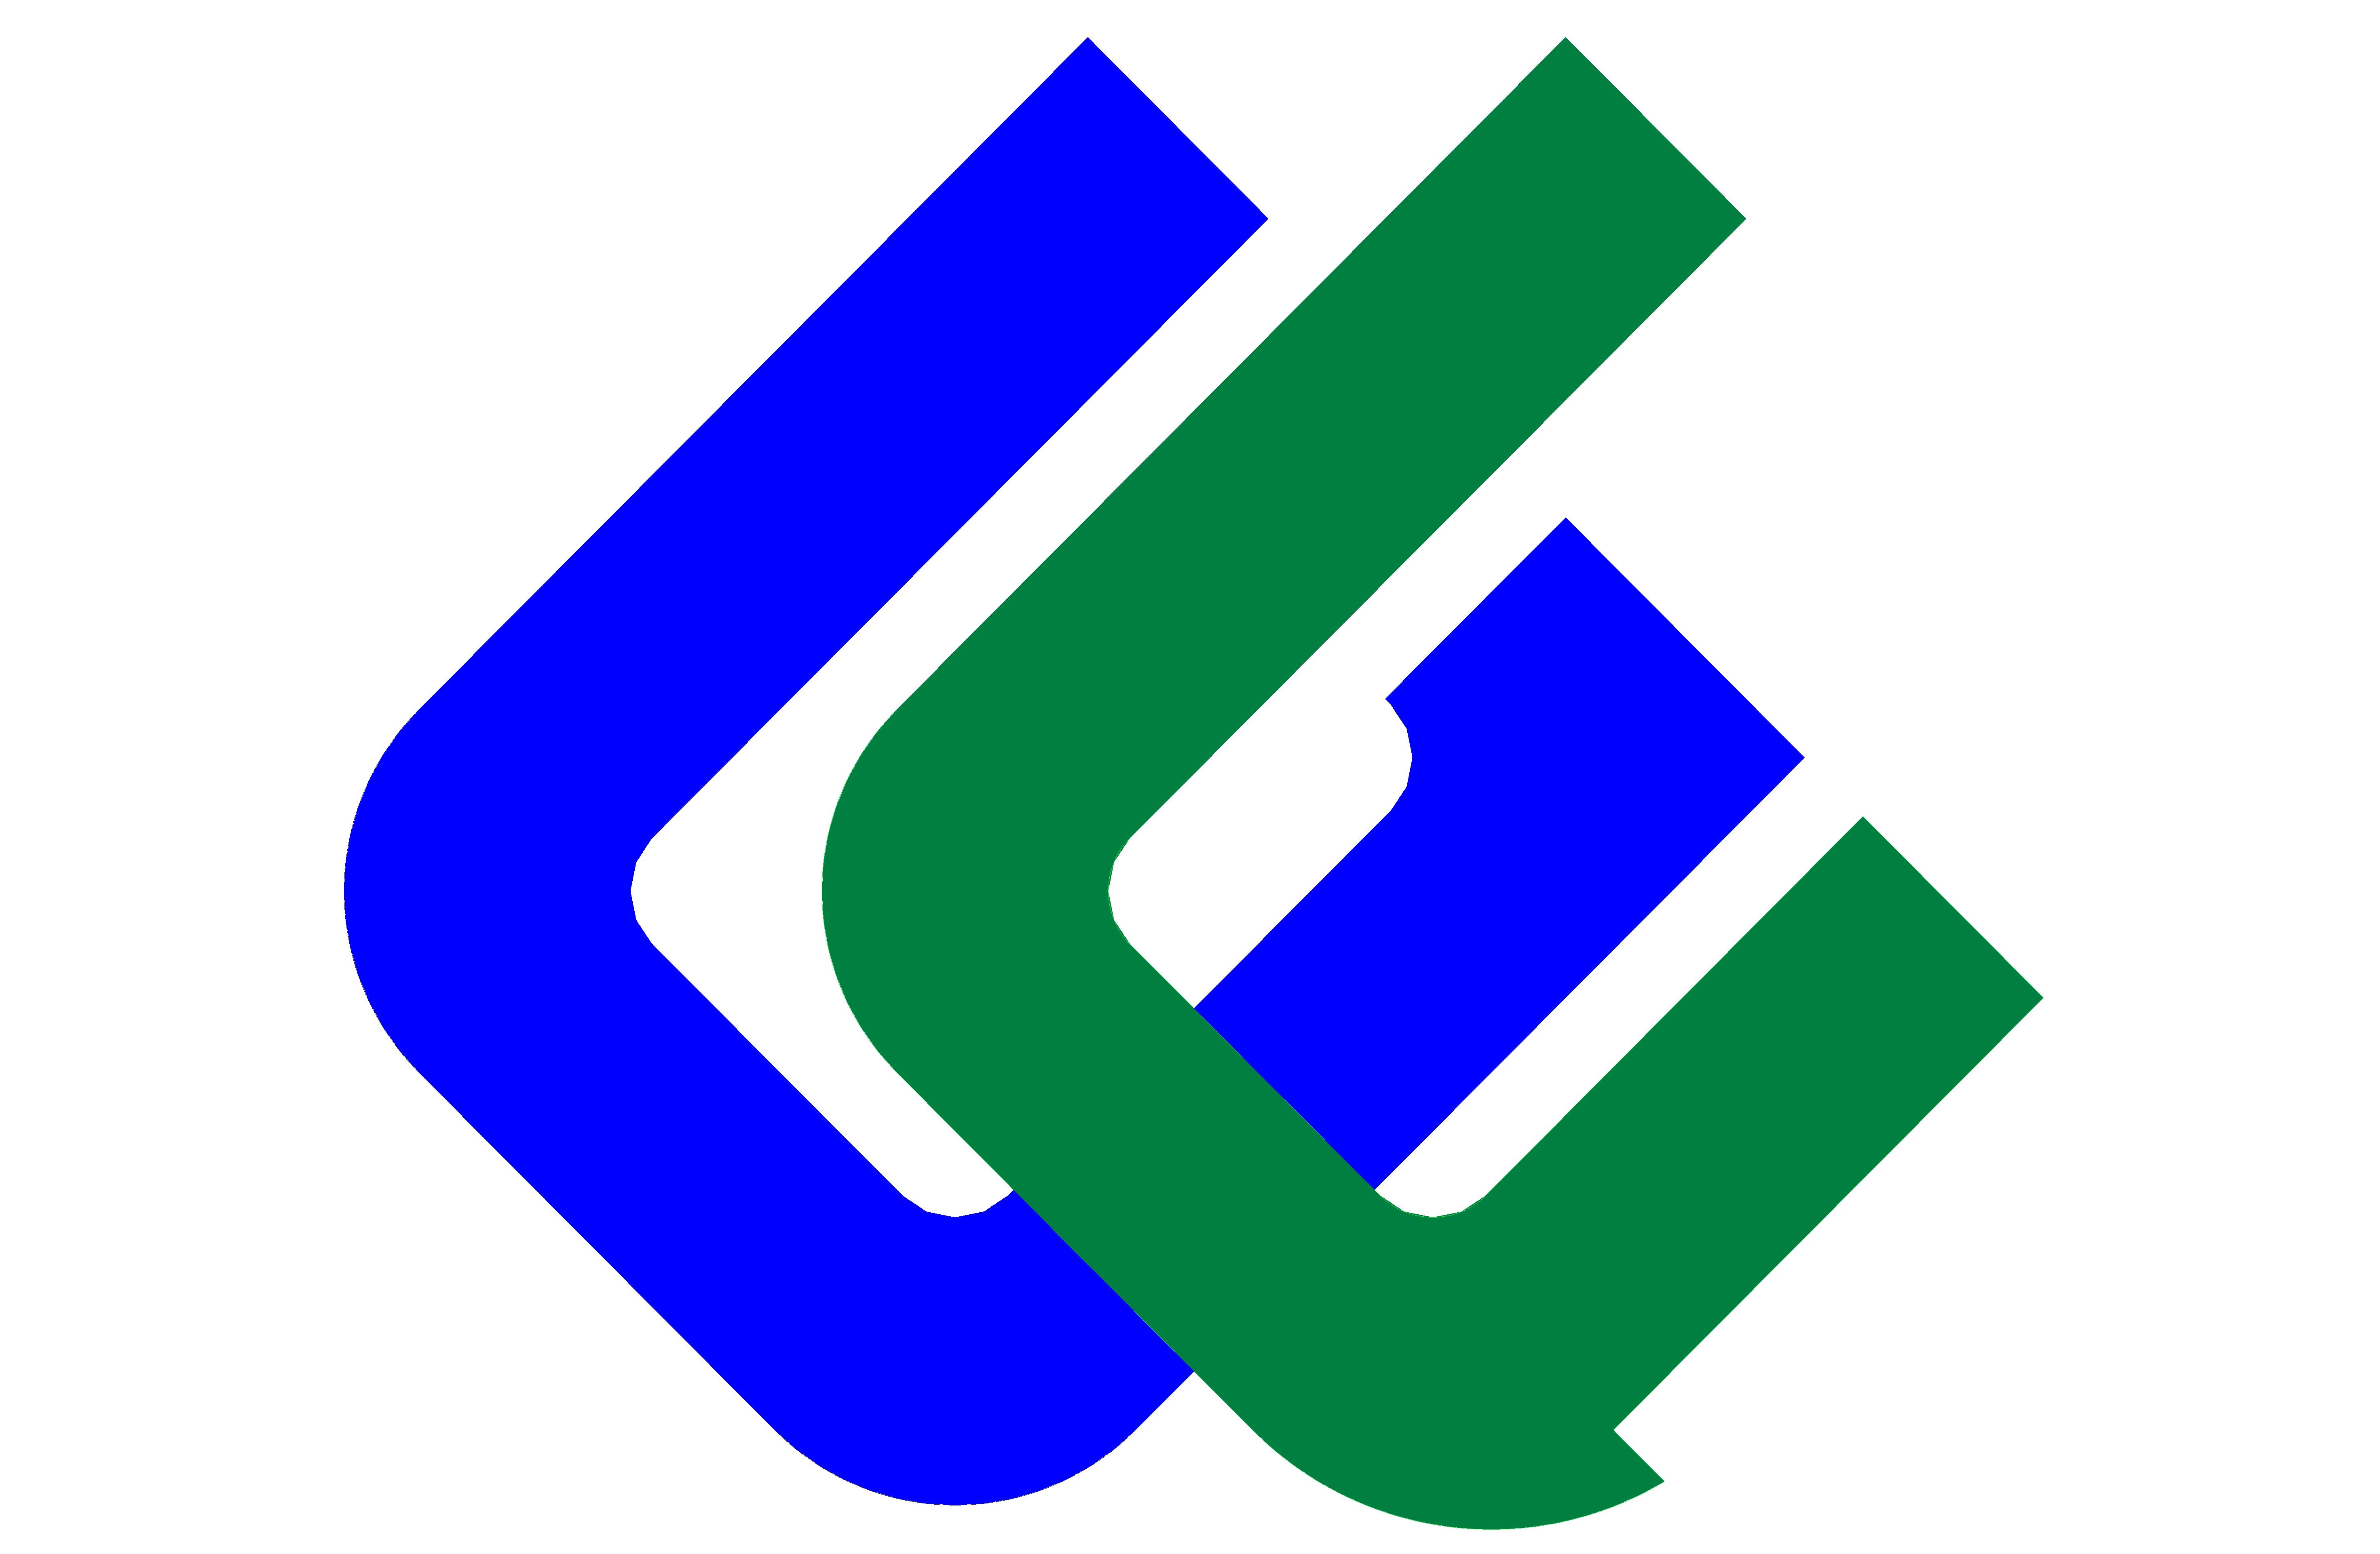 logo logo 标志 设计 矢量 矢量图 素材 图标 5887_3843